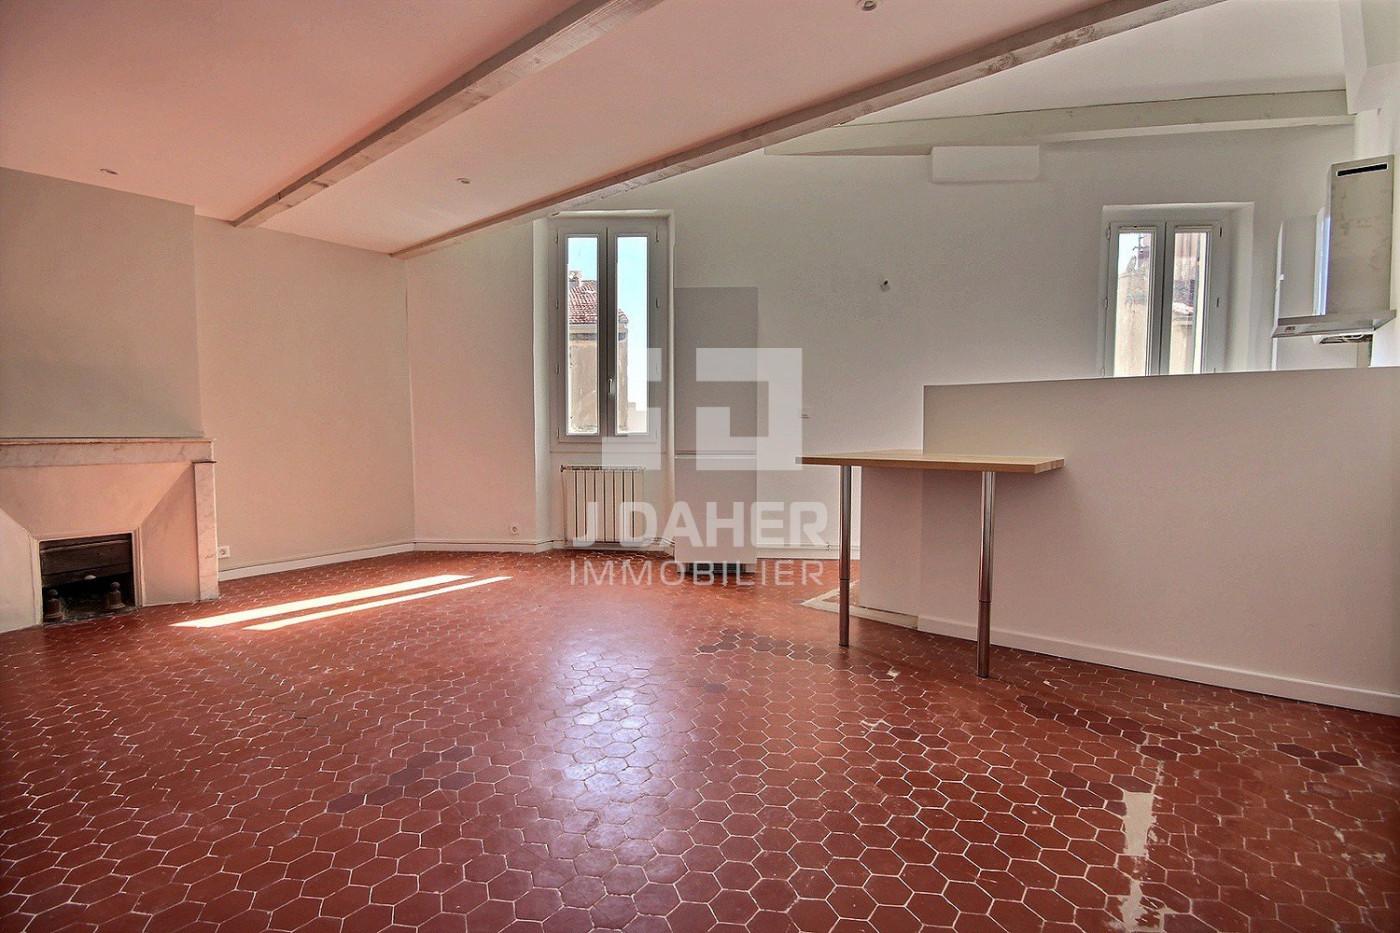 A vendre Marseille 7eme Arrondissement 13025846 J daher immobilier